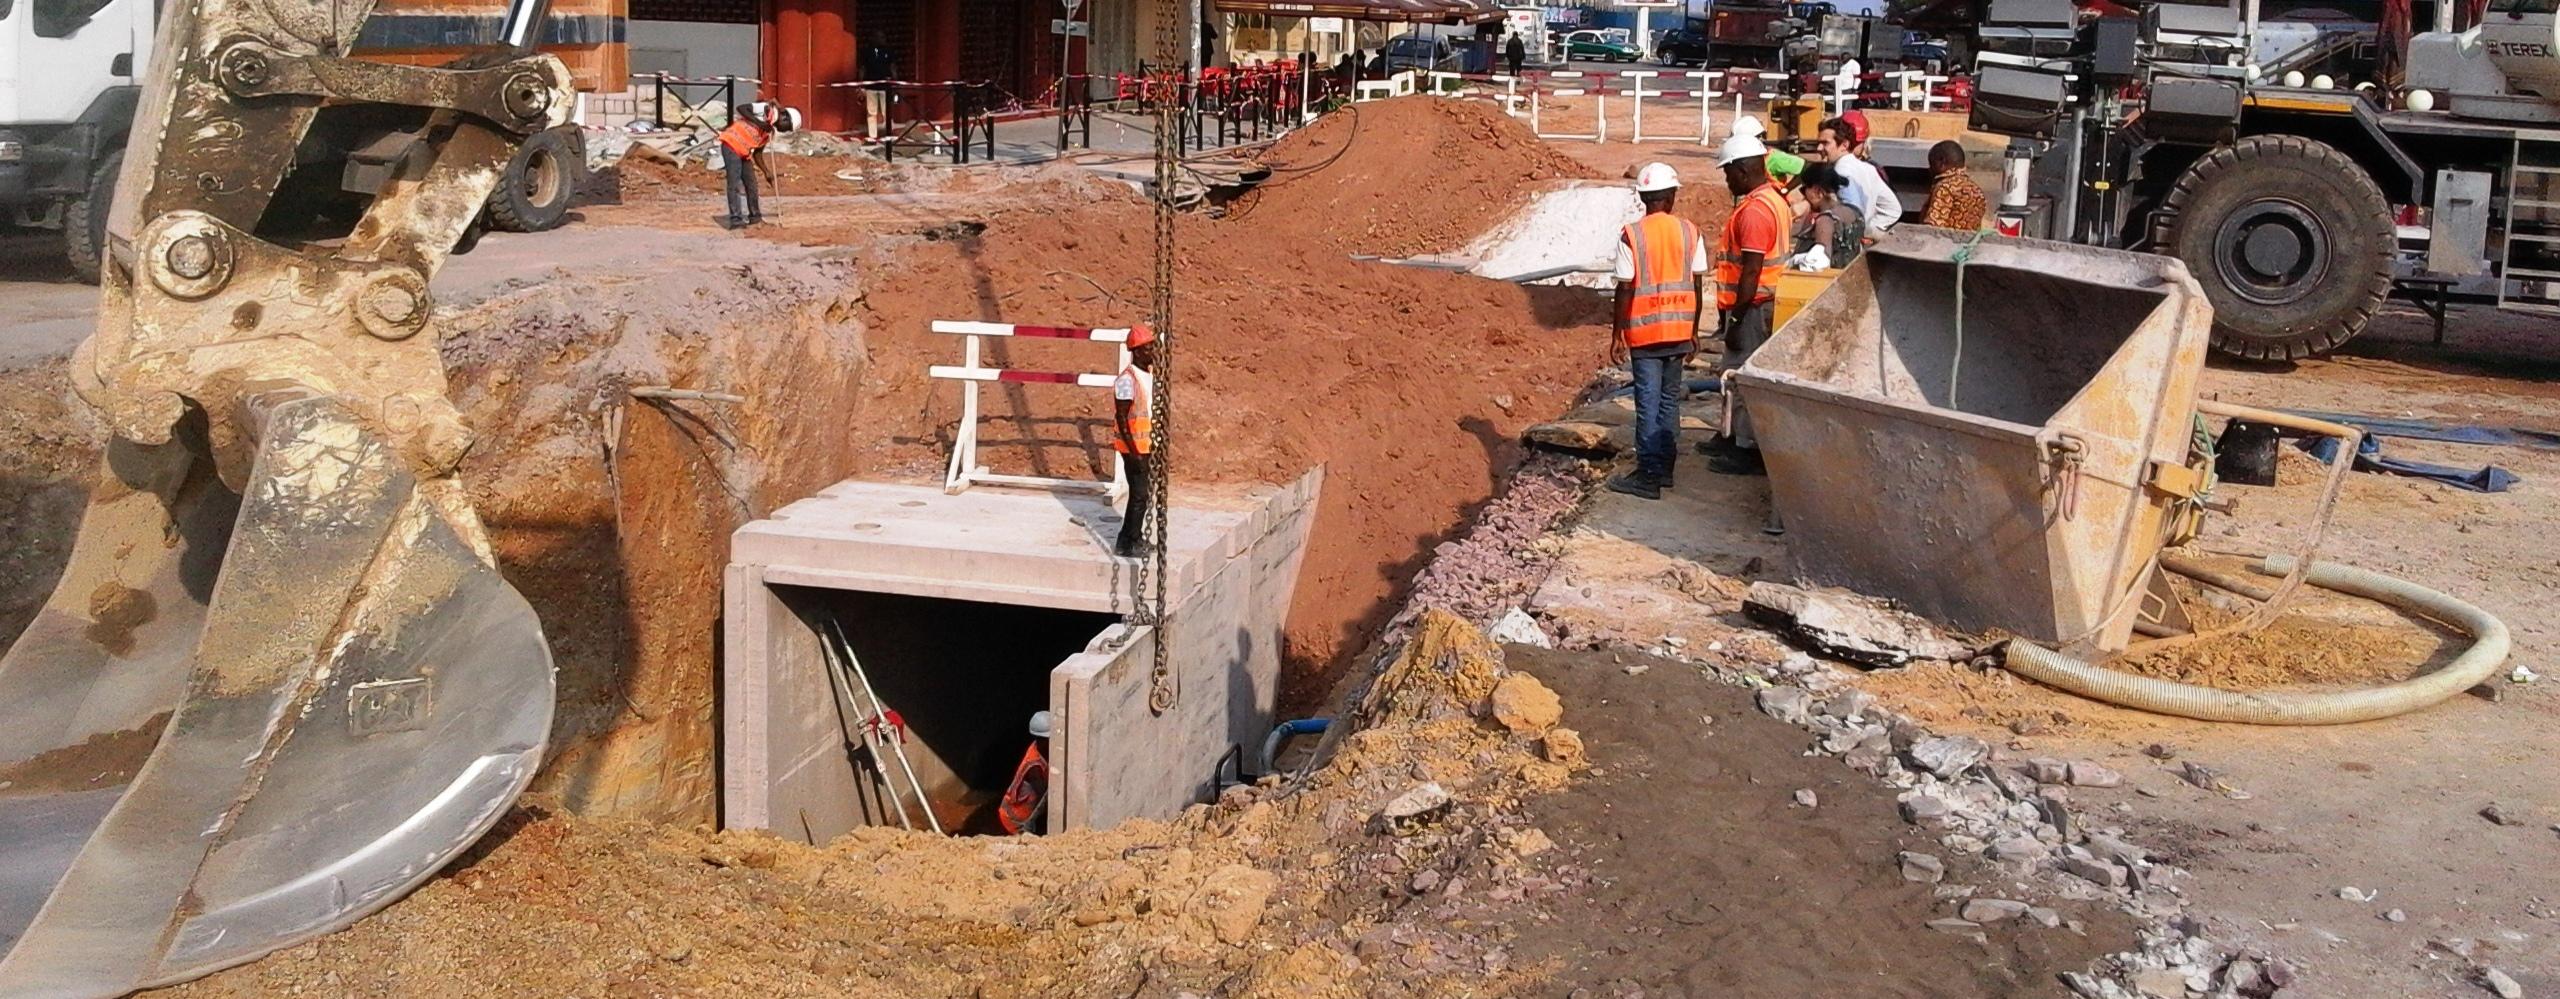 Travaux de drainage dans le centre-ville de Brazzaville